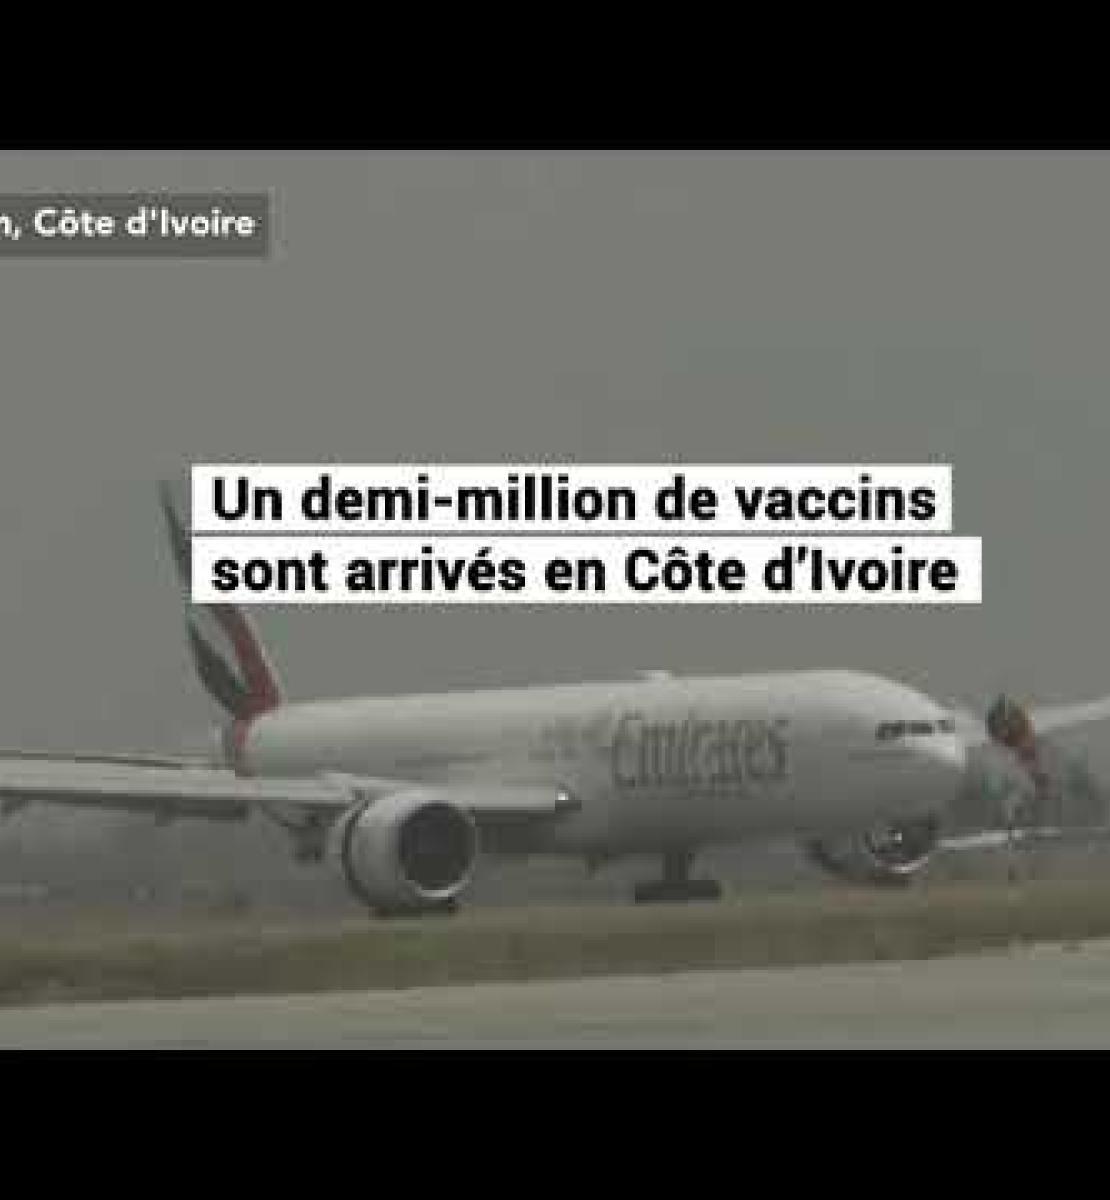 La Côte d'Ivoire est l'un des premiers pays africains à vacciner sa population grâce au mécanisme COVAX